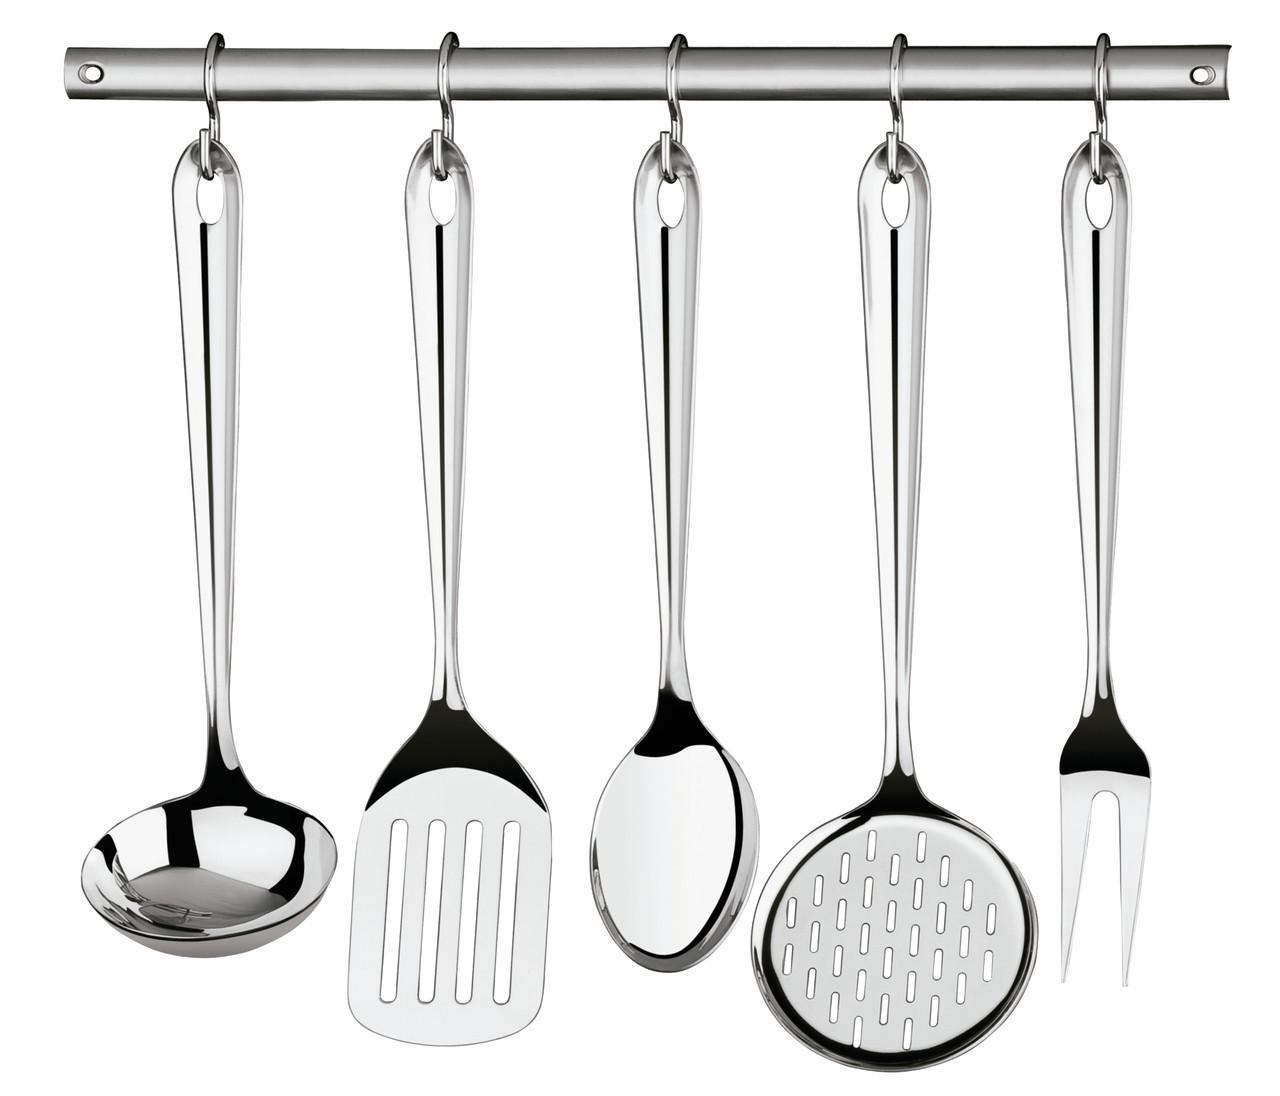 Набор кухонных приборов (шумовка, половник и т.д.) стальной 6 предметов 66812/700 Utility Tramontina